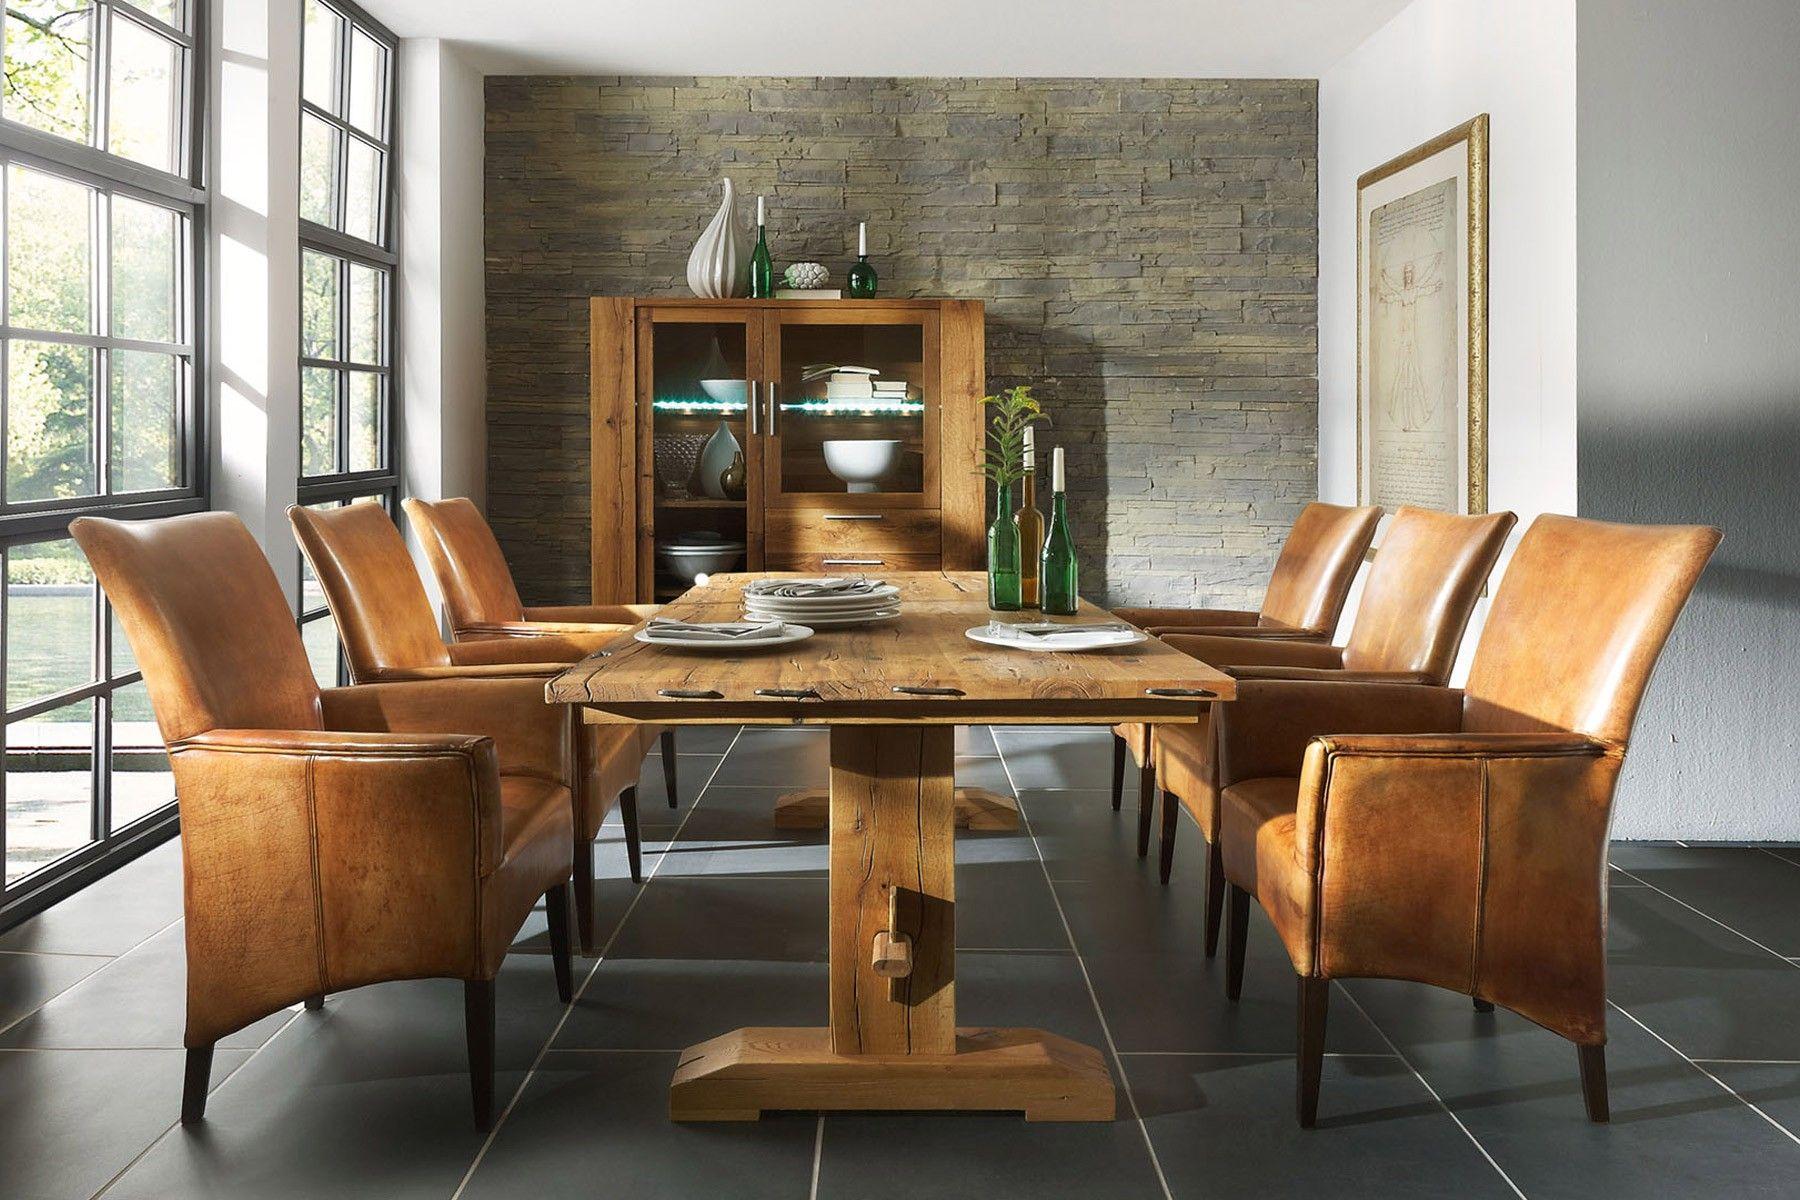 Esstisch massiv viko wildeiche esstische massiv pinterest esstisch tisch und esszimmer - Baumtisch esszimmer ...